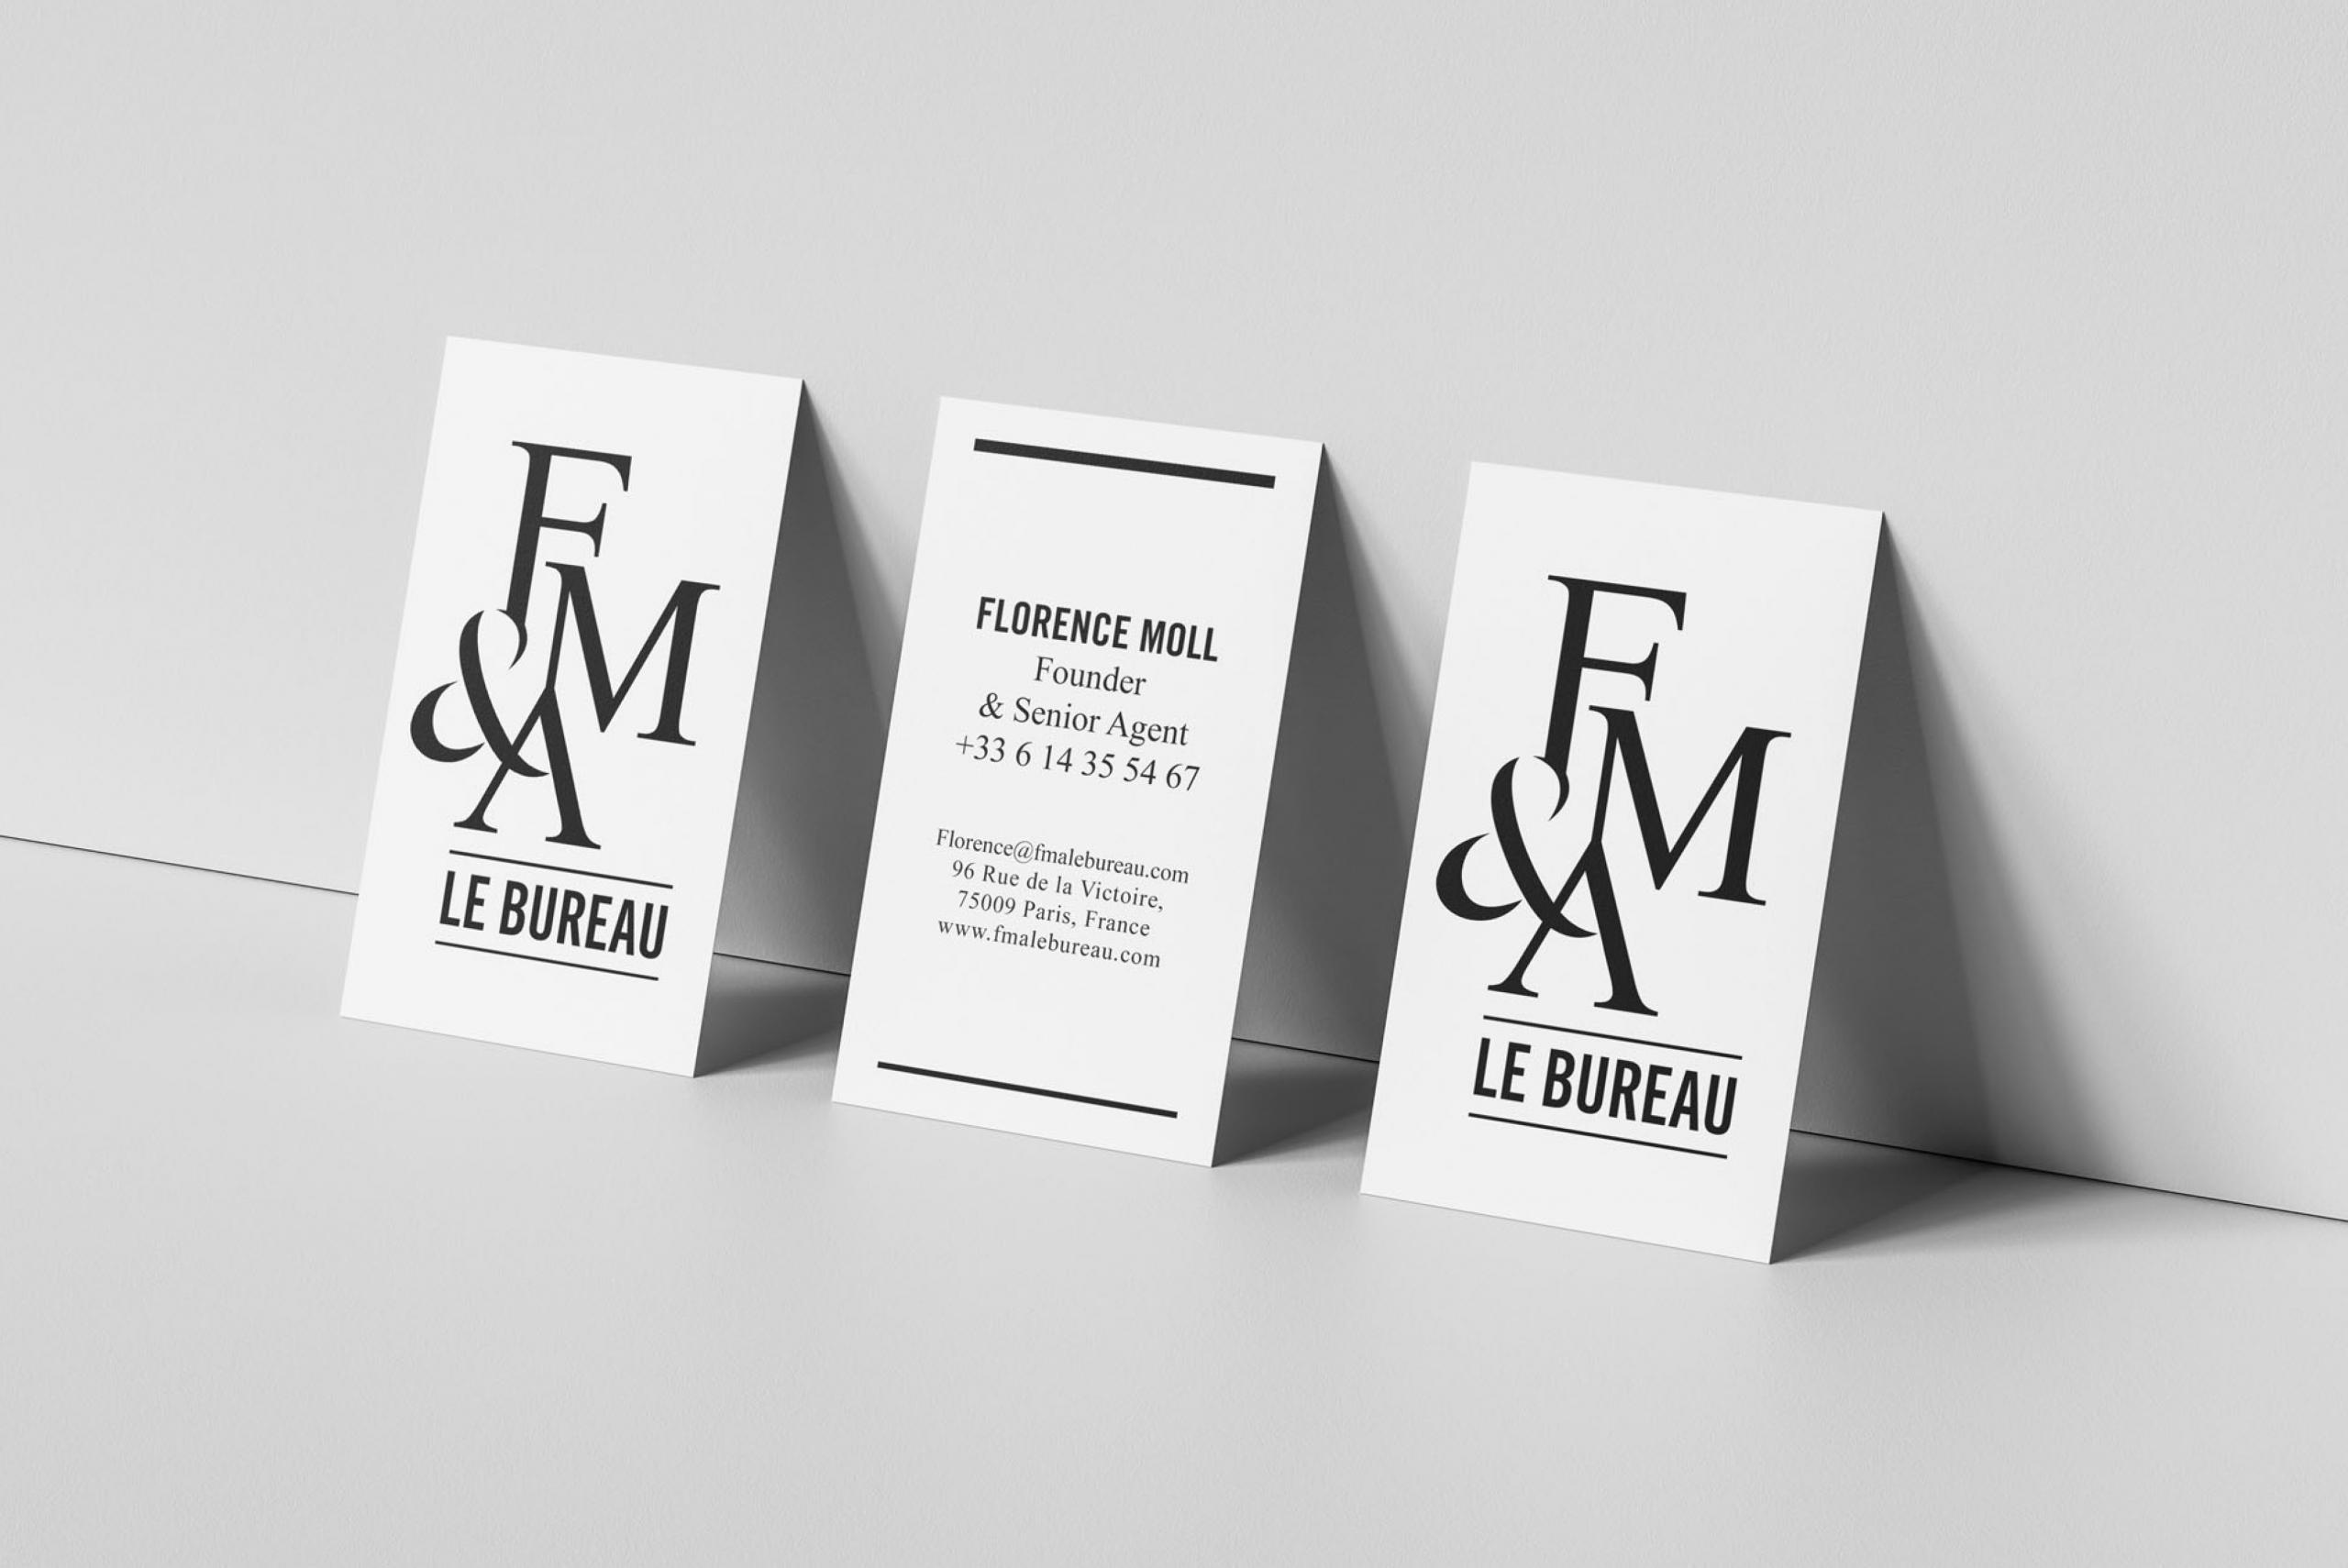 FM&A LE BUREAU